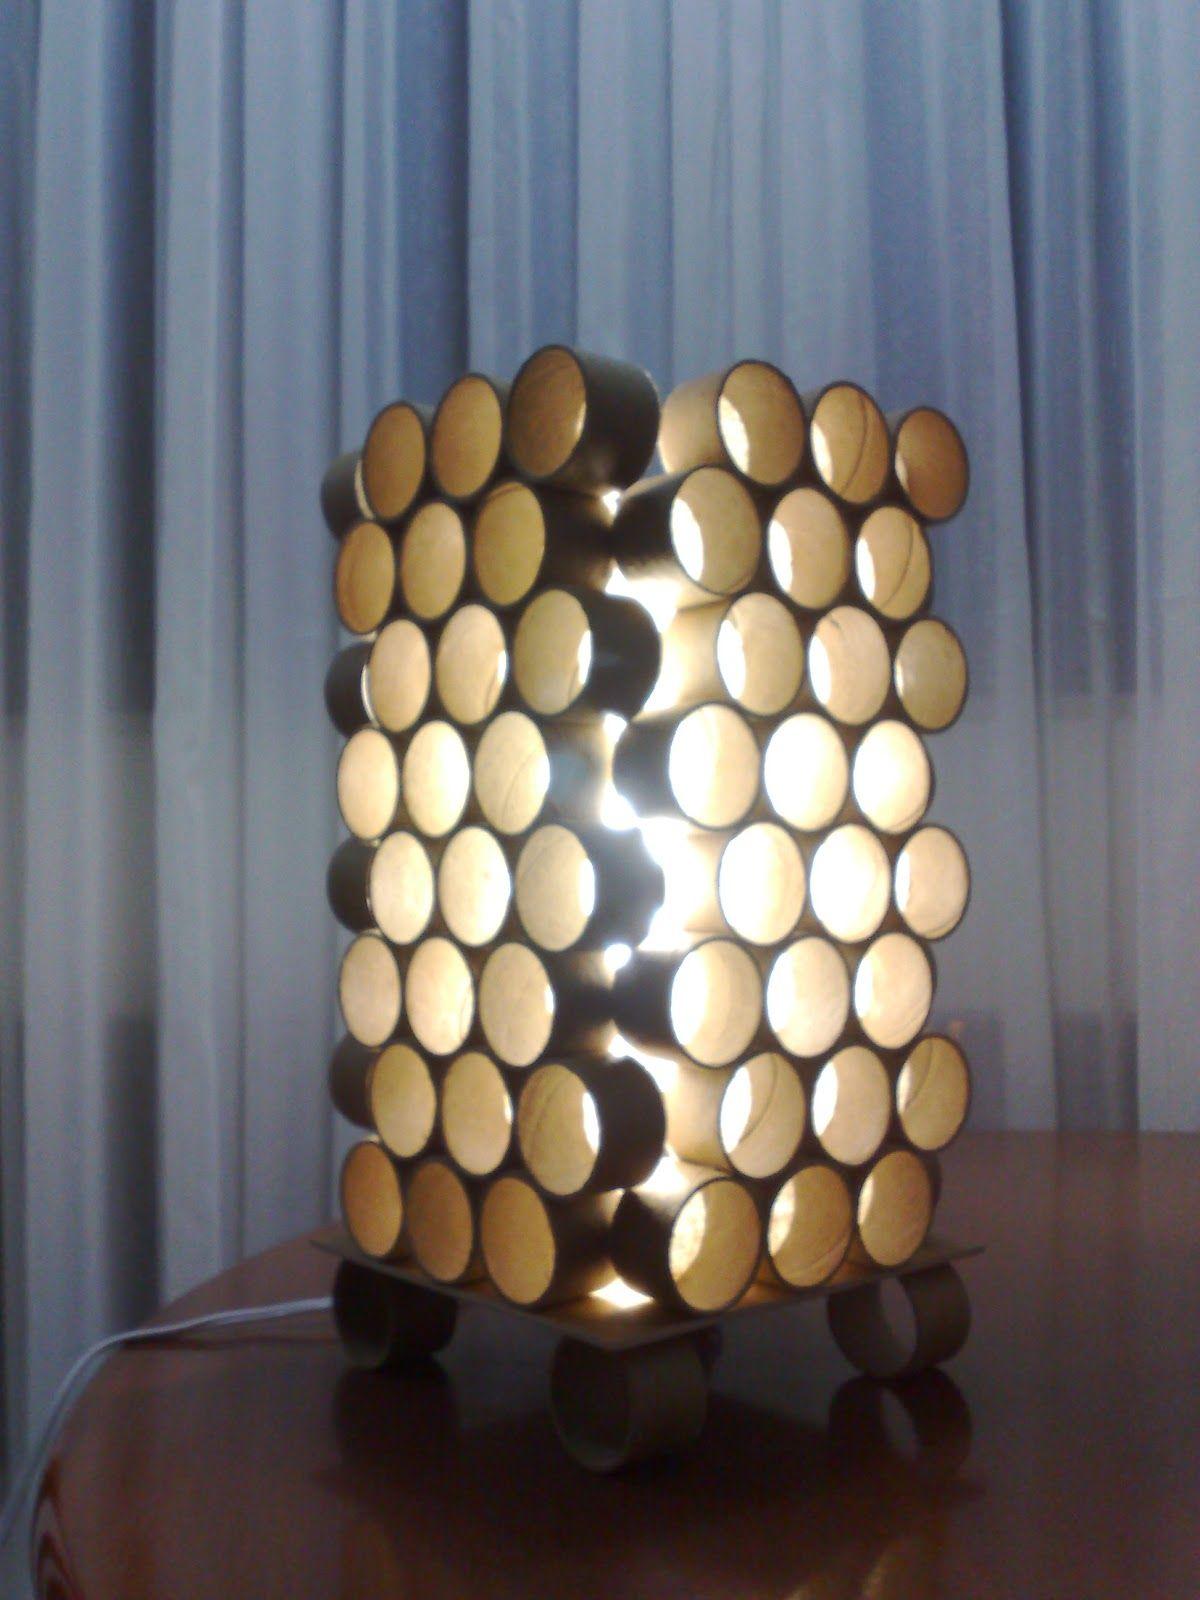 Luminaria Com Rolos De Papelao Com Imagens Tubos De Papelao